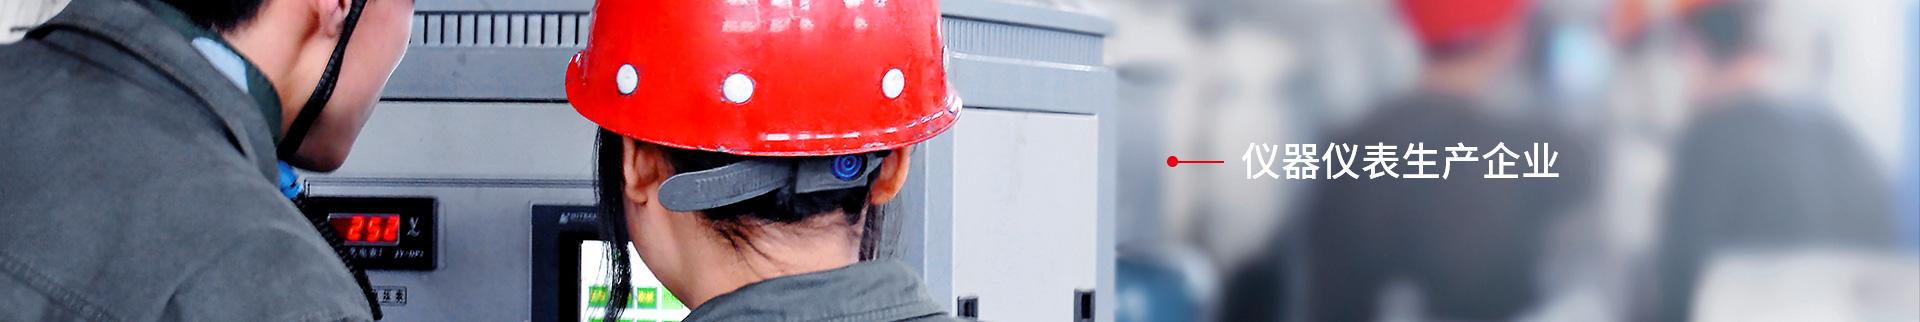 昆山电压表厂家